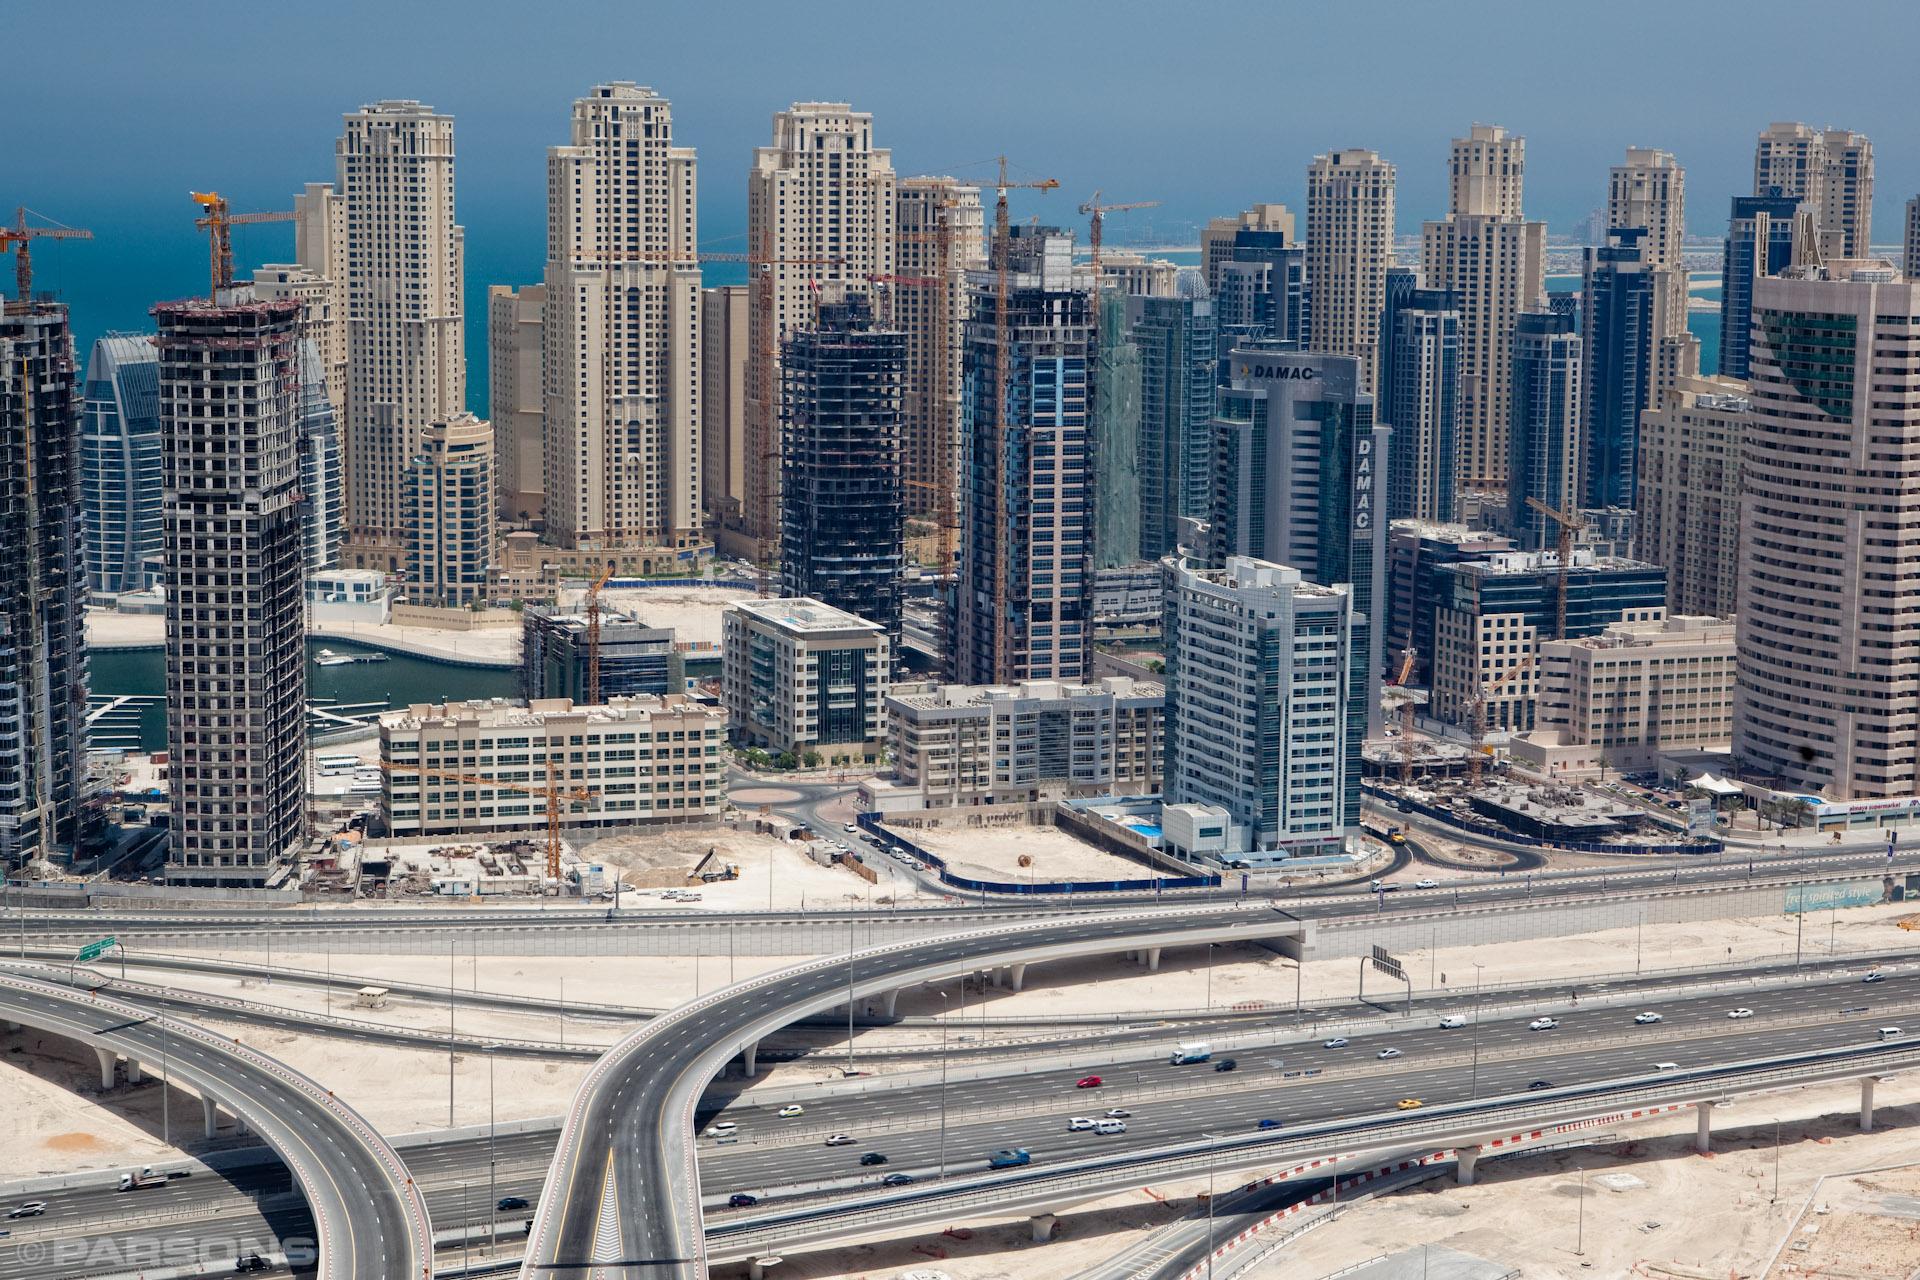 Civil-Engineering-Aerial-Dubai-Skyline-UAE.JPG